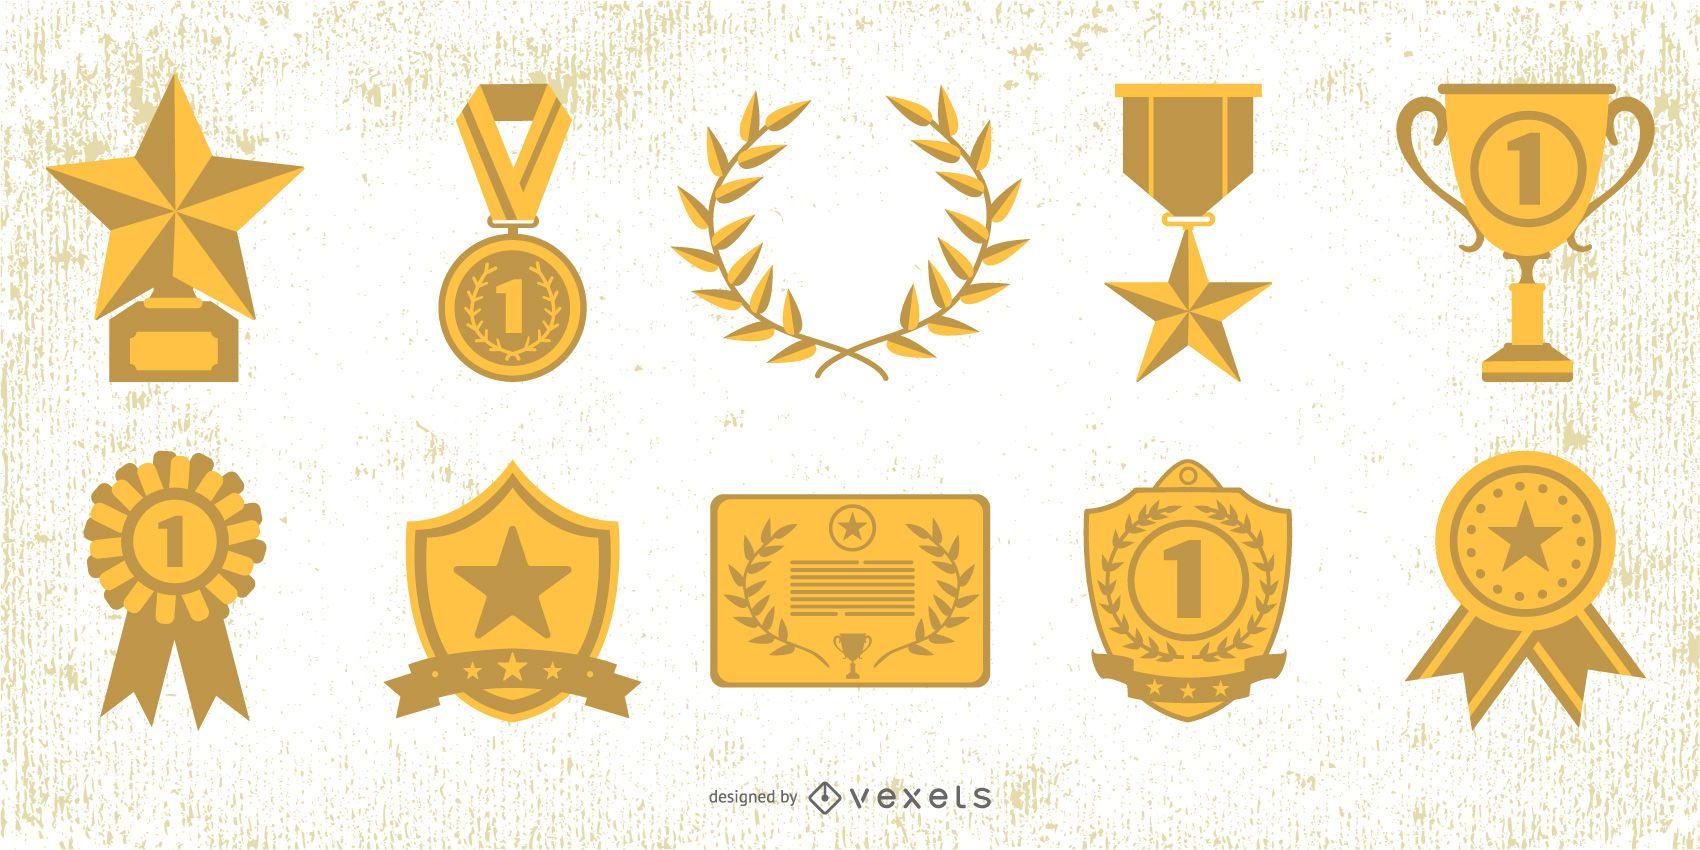 Golden Medal Awards Elements Pack